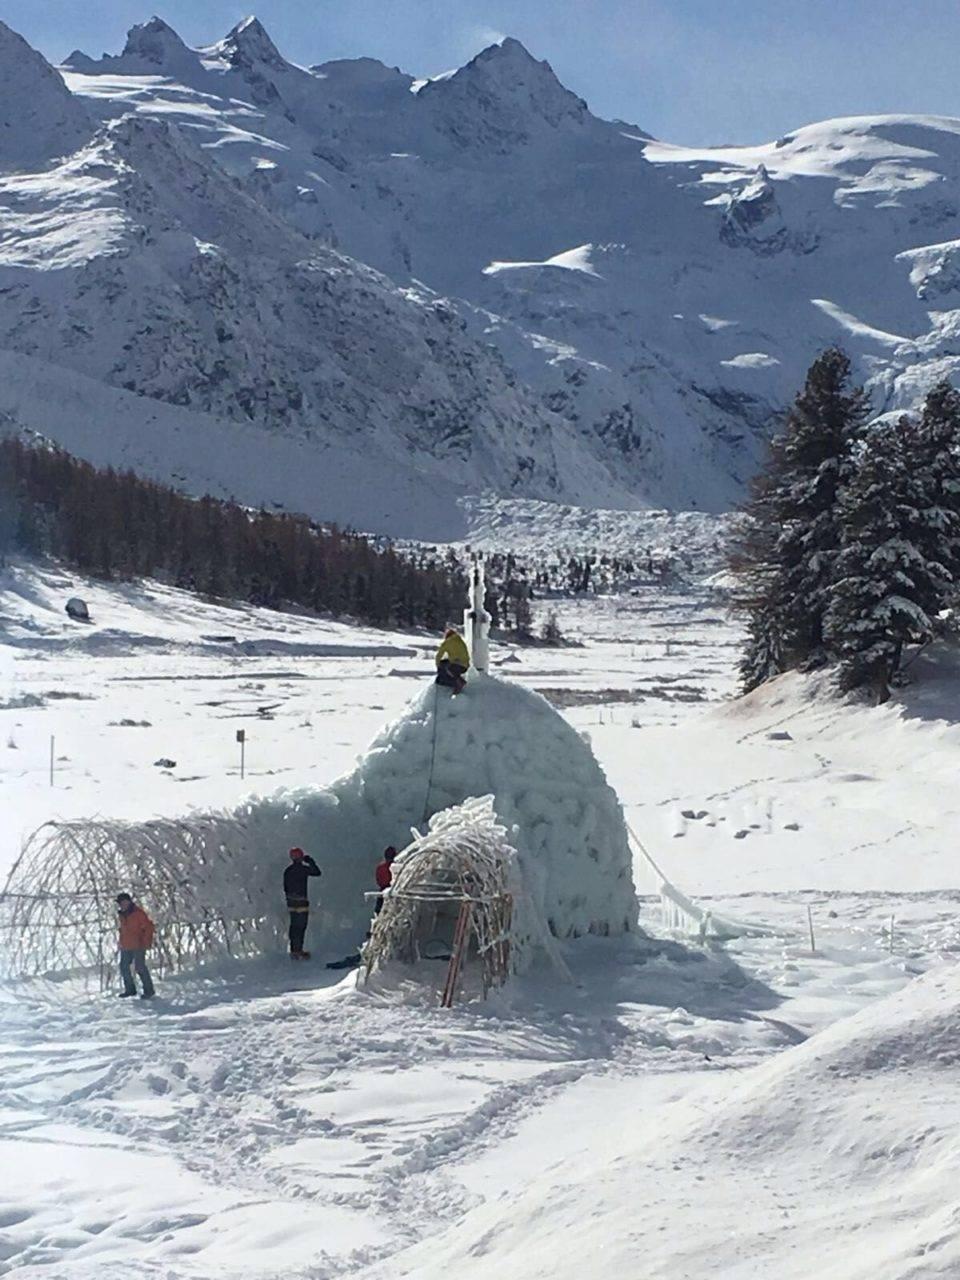 Süleyman Sönmez - Güneşin Tam İçinde buzkulesi12-960x1280 Tibet Çölünde Buz Kuleleri | Susuzlukla Mücadele | Ice Stupa Bilim ve Teknoloji Günlük Yaşam Maker / Mucit  Tibet susuzluk Su Elde Etmek Stupa Sonam Wangchuk Rolex Awards kuraklık küresel ısınma Buz Kuleleri Baraj Çöl 3 idiots